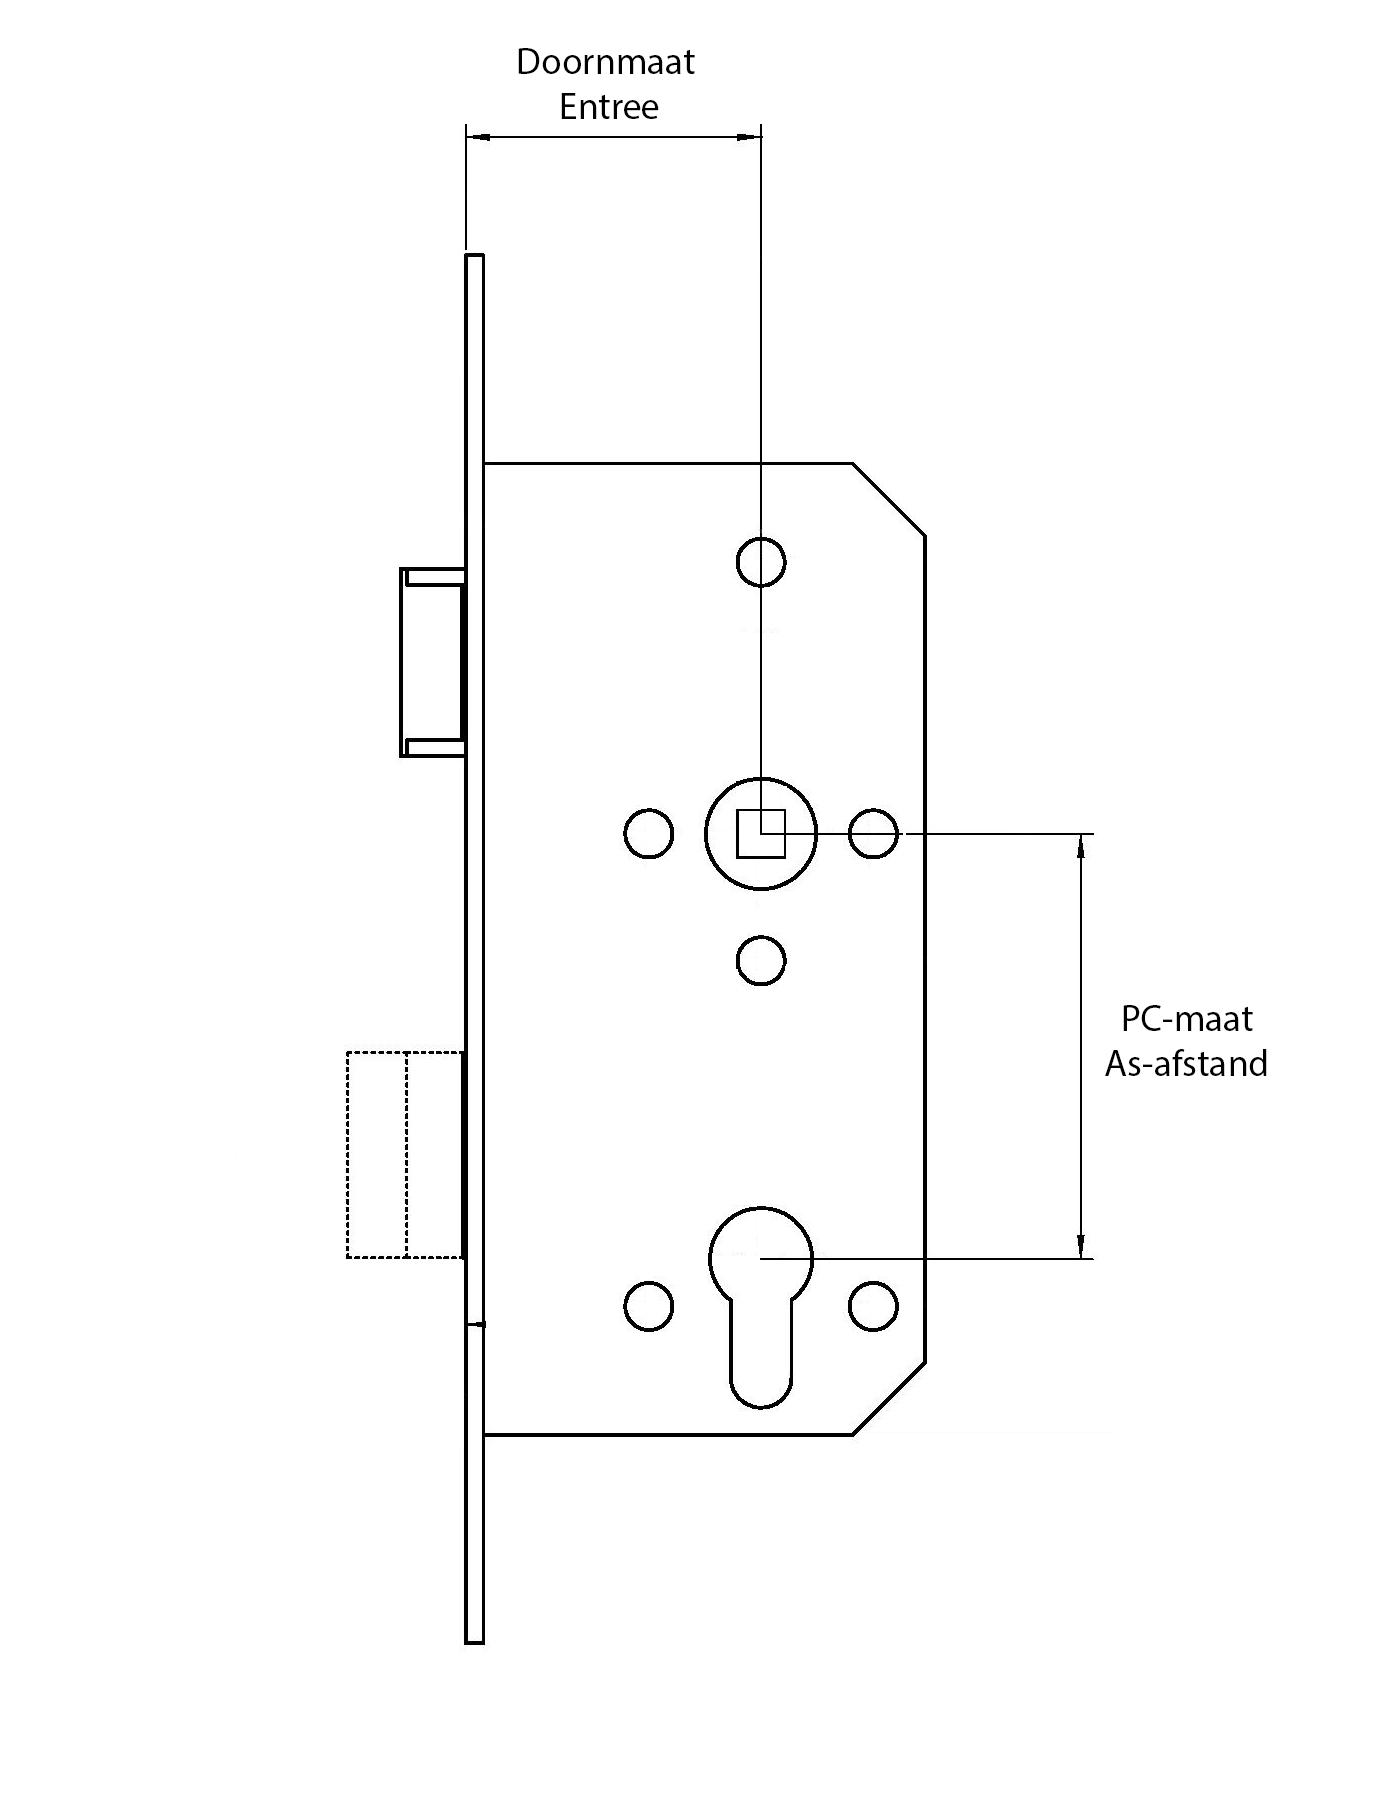 Slot opmeten - doornmaat - entree - pc maat - asafstand